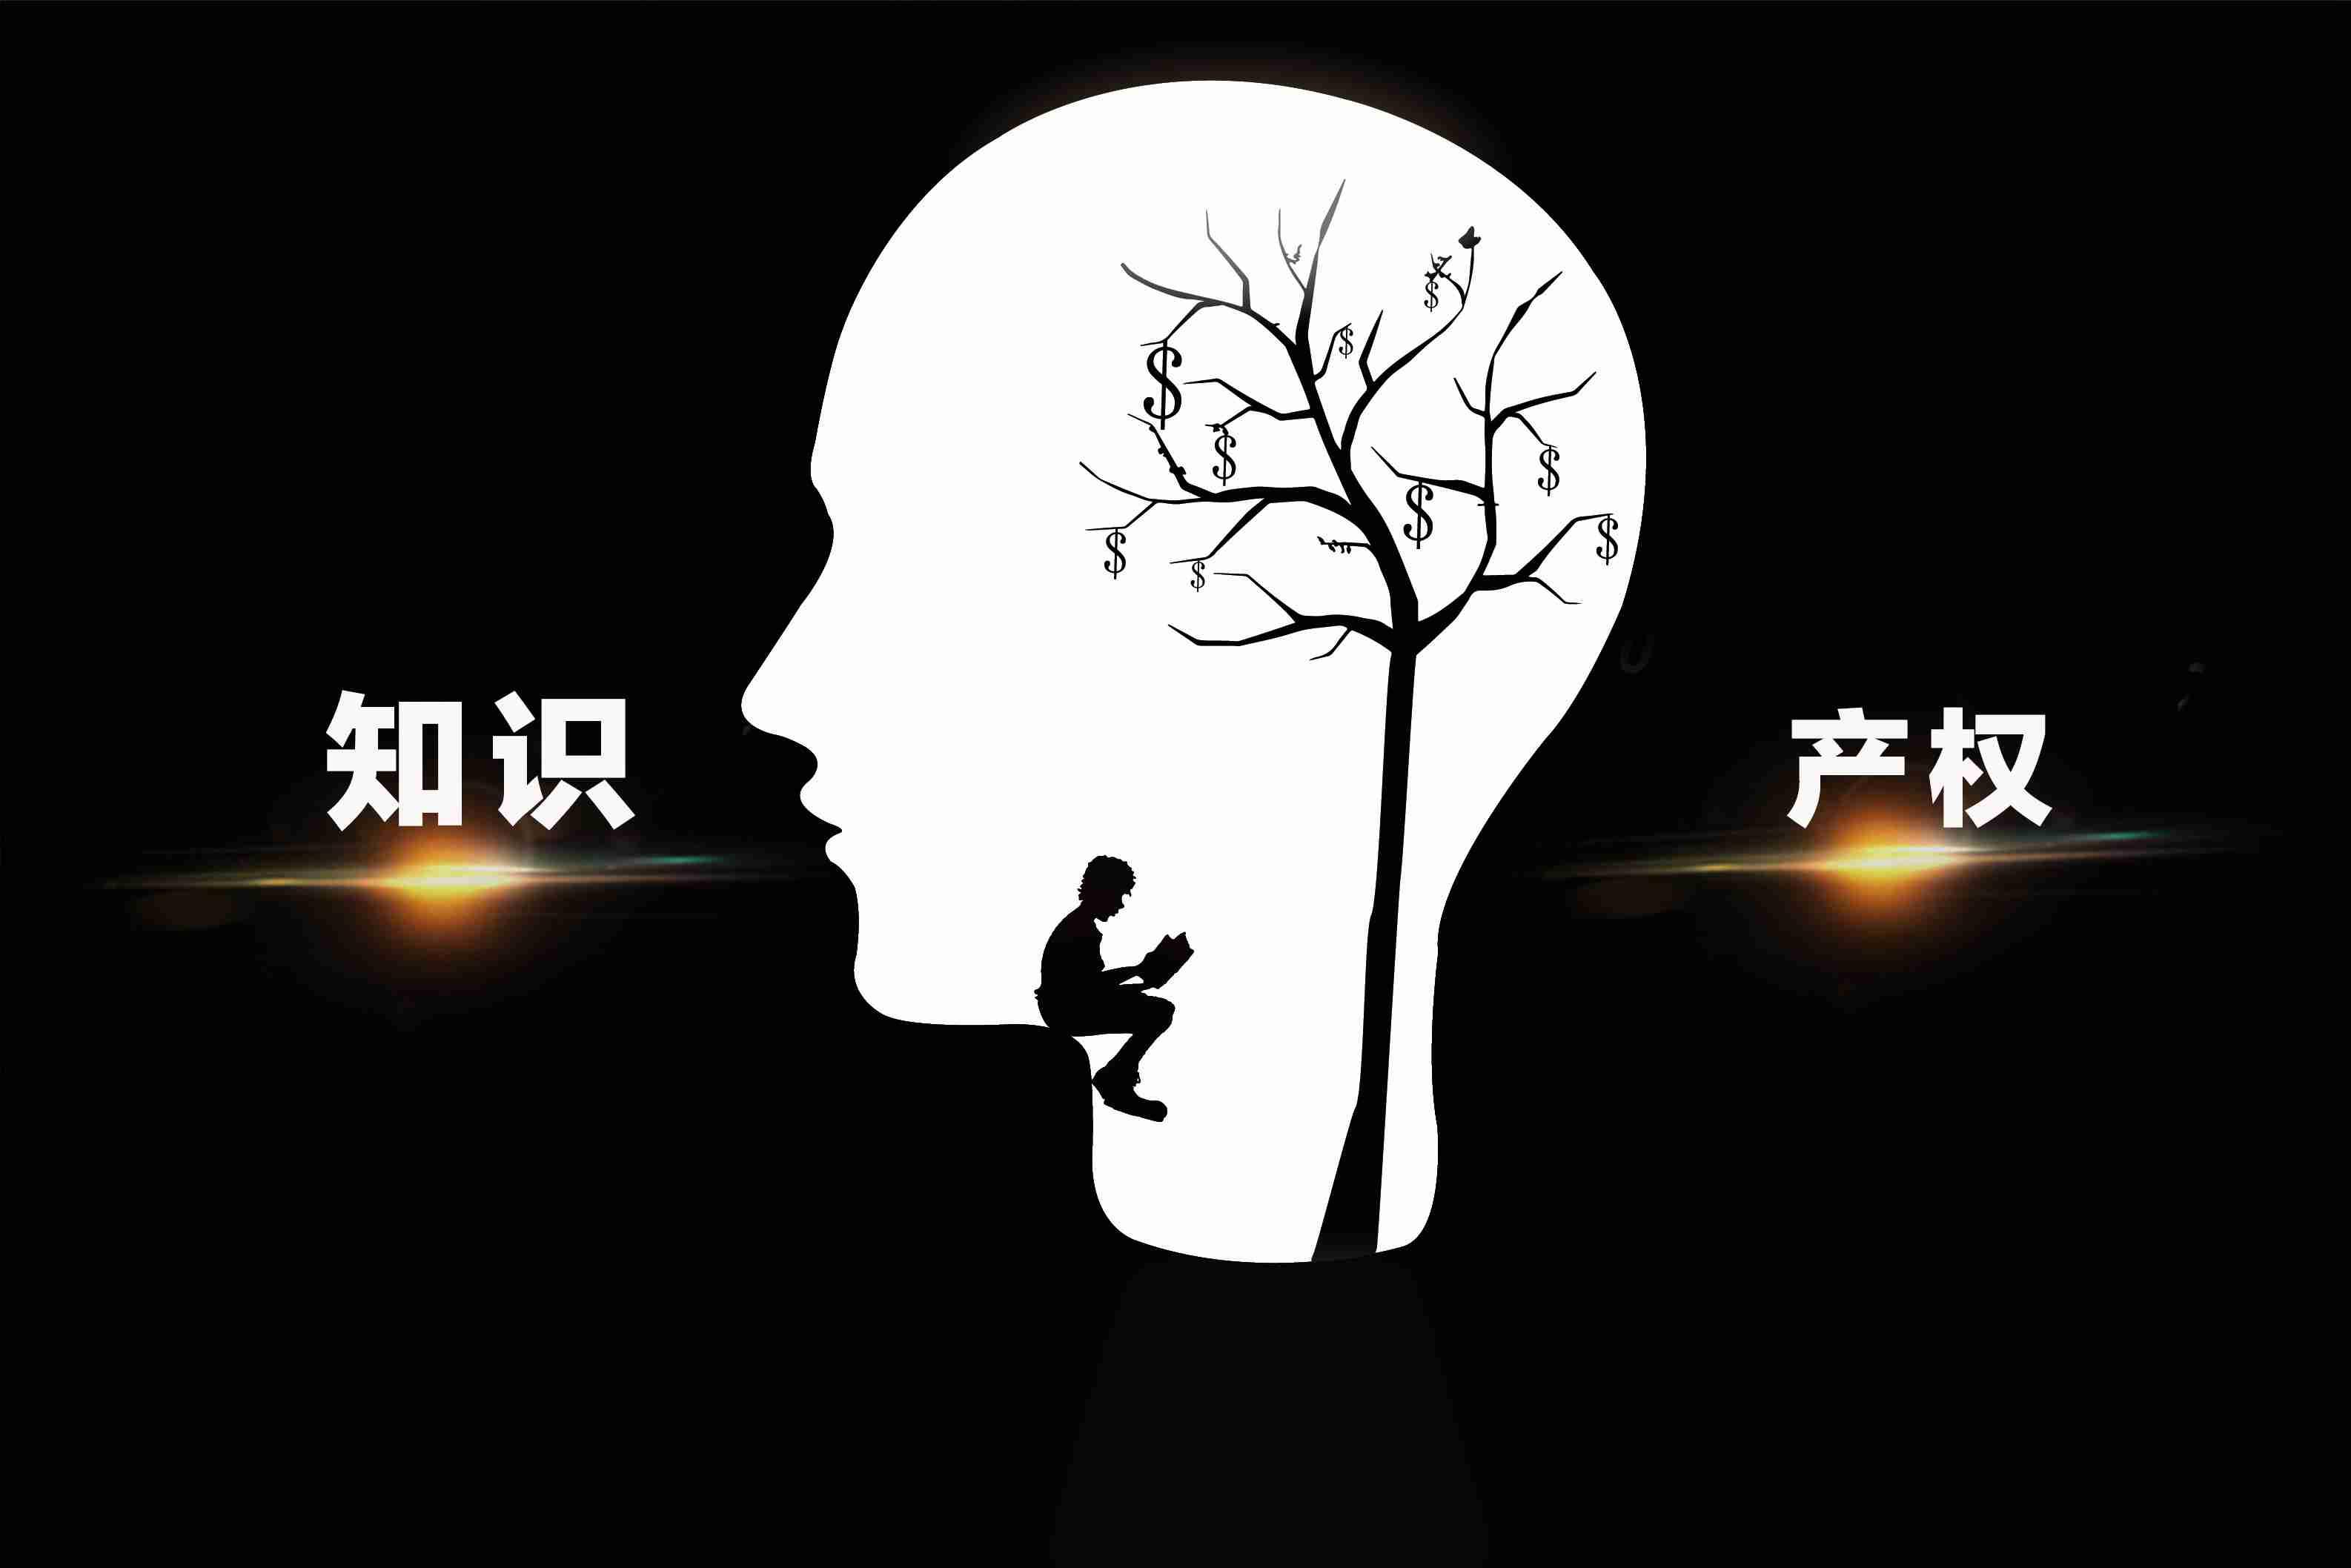 深圳专利律师是怎么收费的?三种收费模式